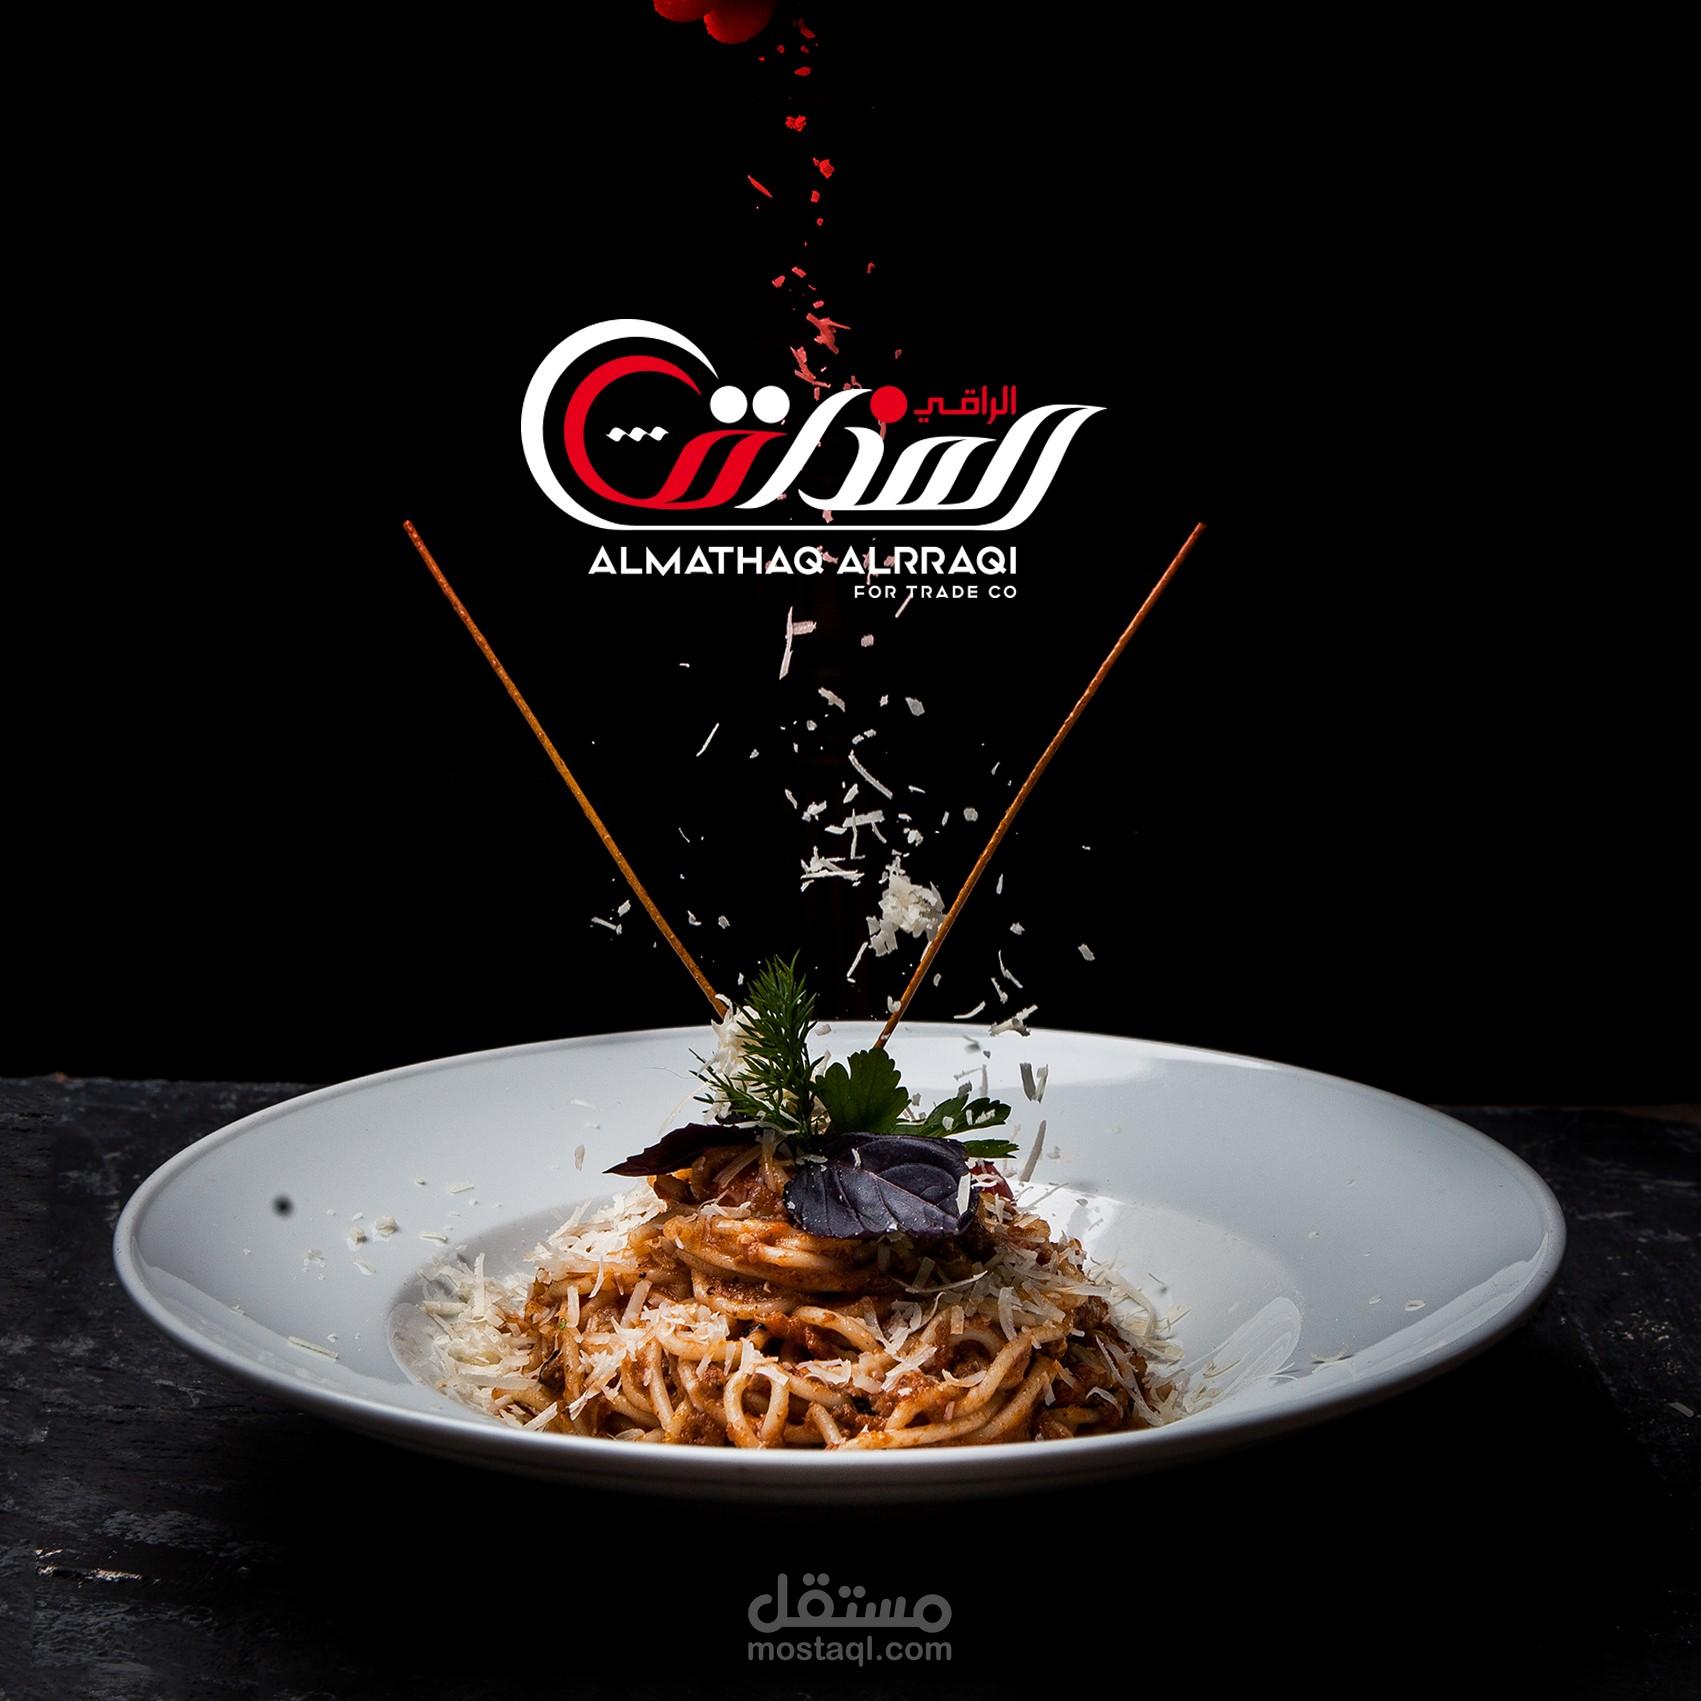 تصميم شعار وهوية بصرية لشركة المذاق الراقي لإدارة المطاعم